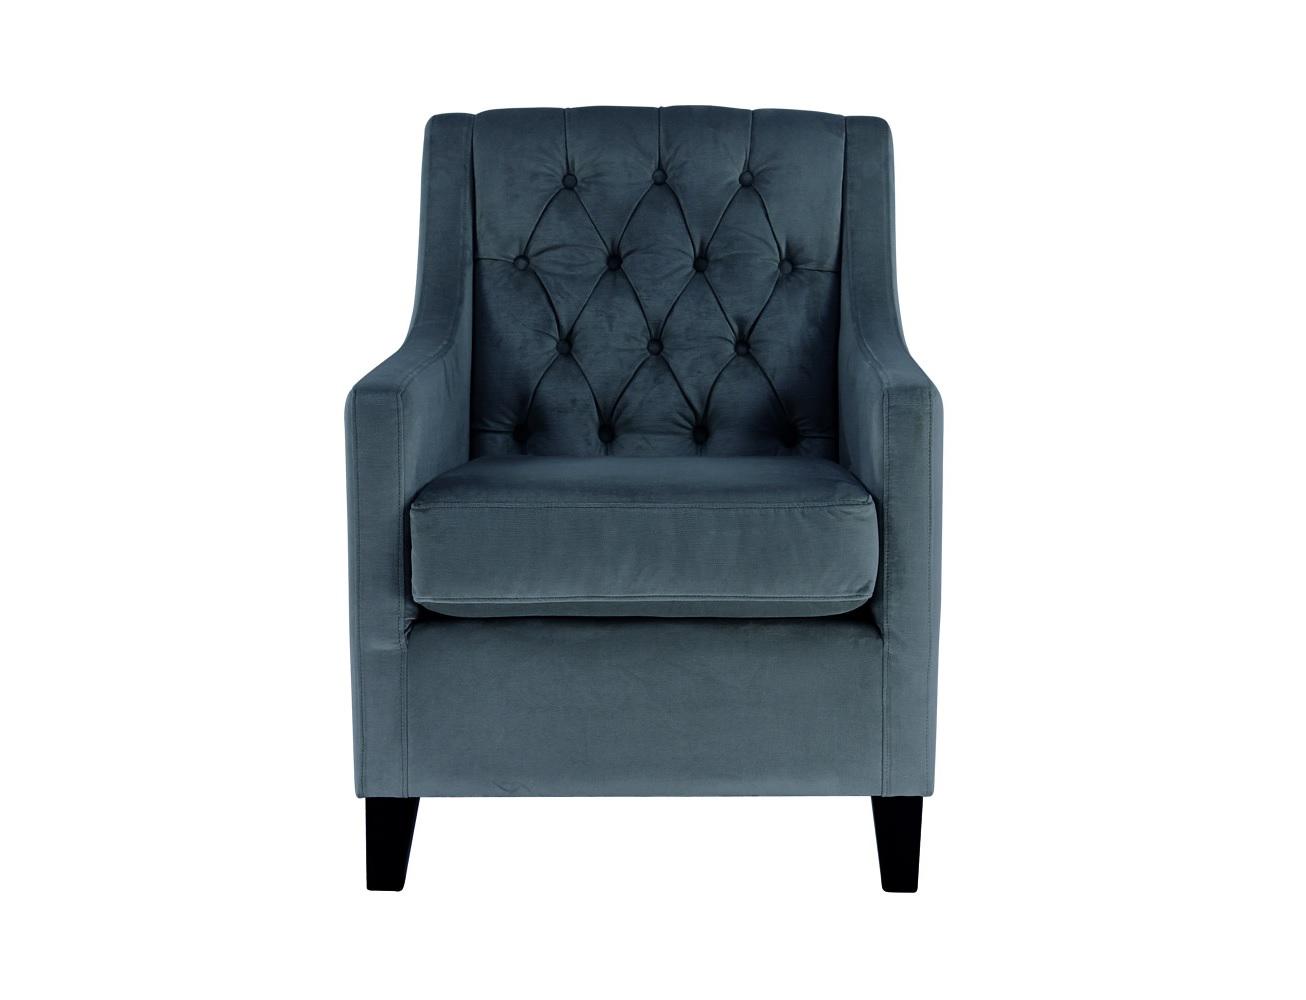 Кресло Debora ArmchairИнтерьерные кресла<br><br><br>Material: Текстиль<br>Ширина см: 71<br>Высота см: 92<br>Глубина см: 84